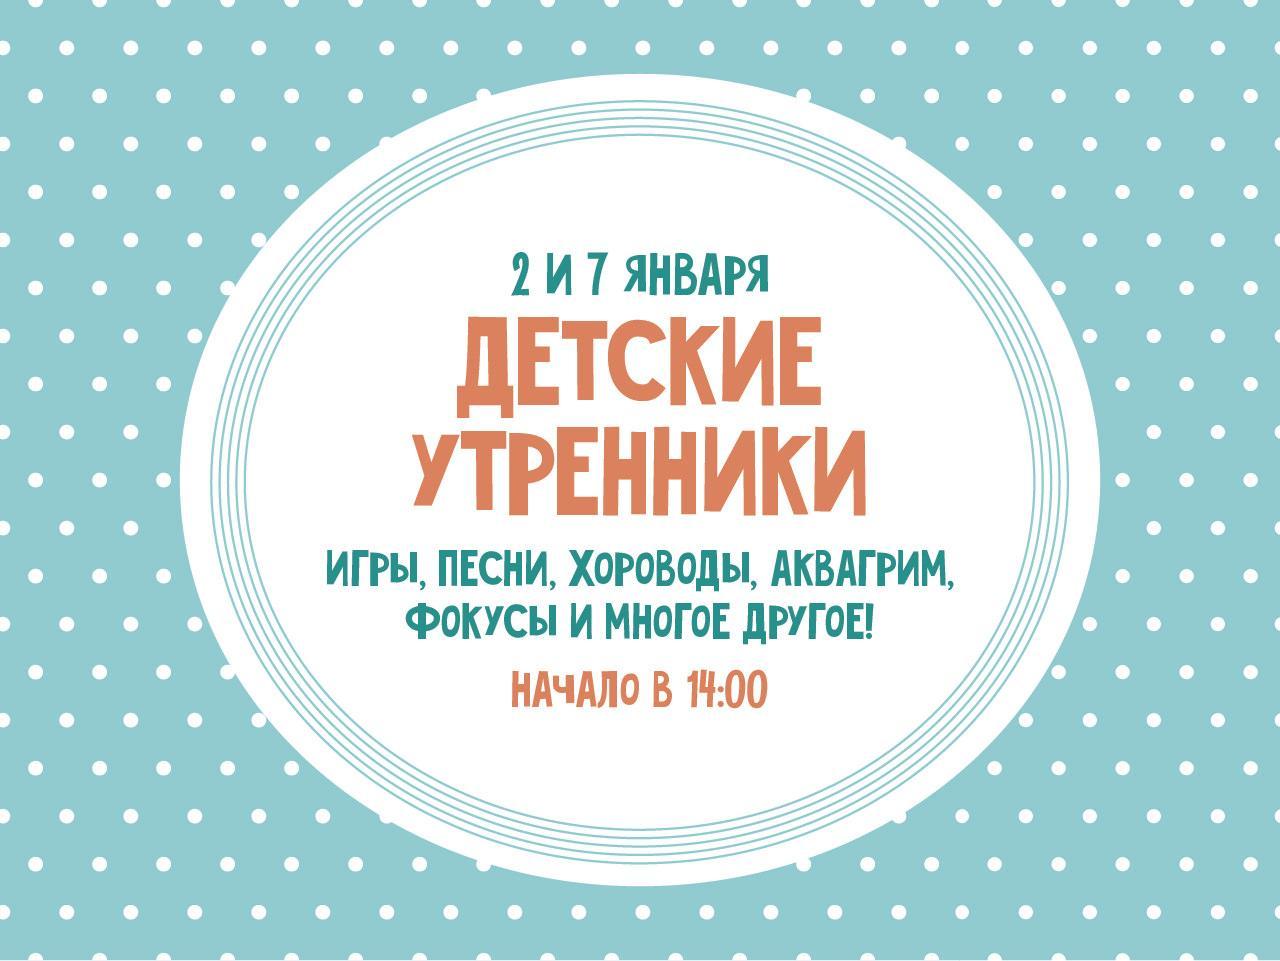 Новогодняя программа для малышей!